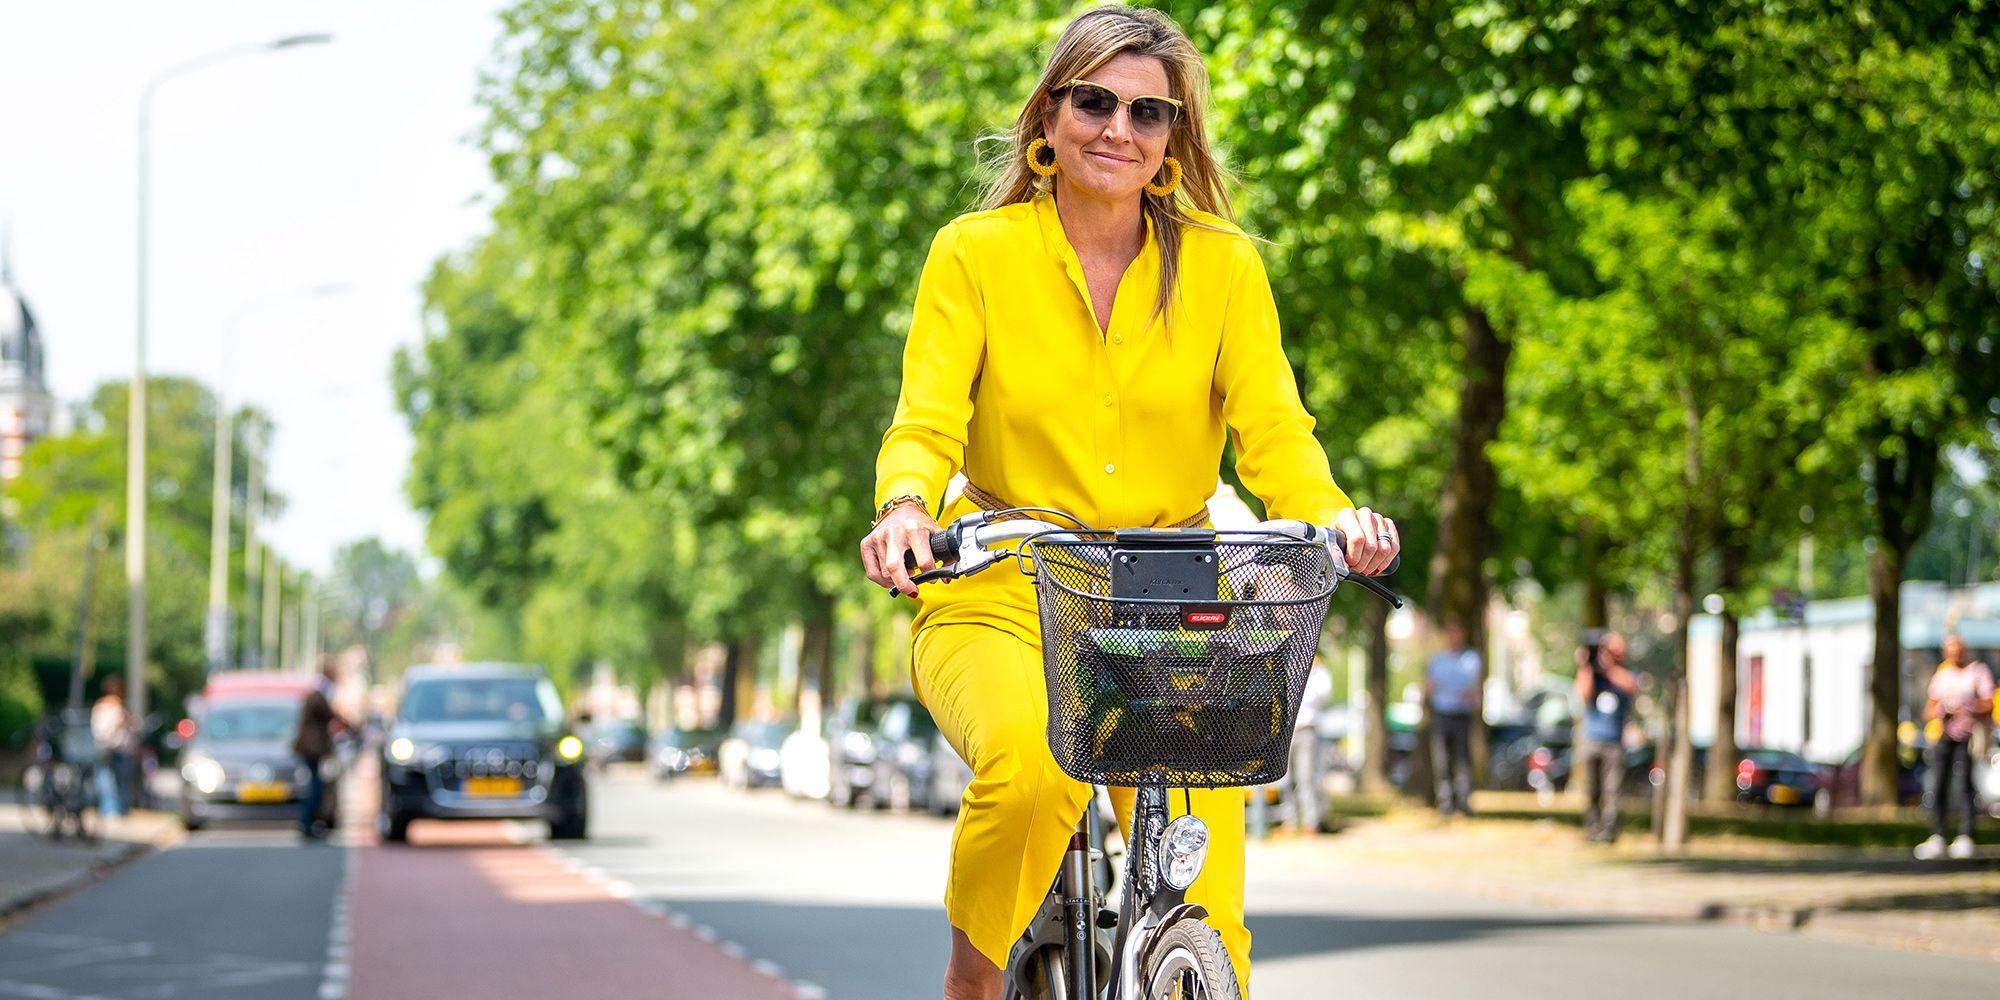 Las llamativas imágenes de Máxima de Holanda montando en bicicleta con un conjunto amarillo espectacular